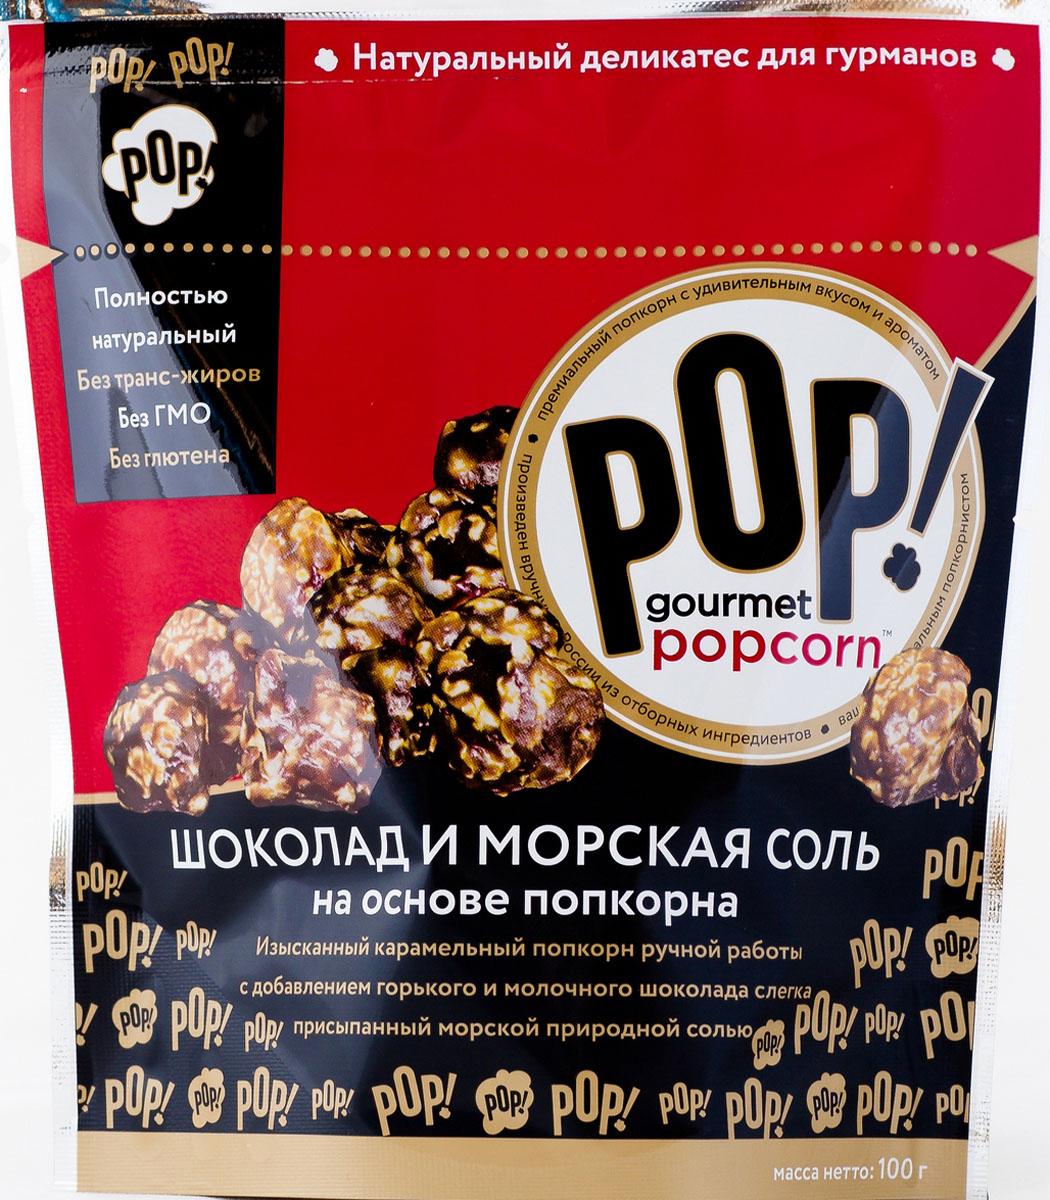 POP! Gourmet Popcorn шоколад и морская соль на основе попкорна, 100 г4627098690270Изысканный карамельный попкорн ручной работы с добавлением горького и молочного шоколада слегка присыпанный морской природной солью.